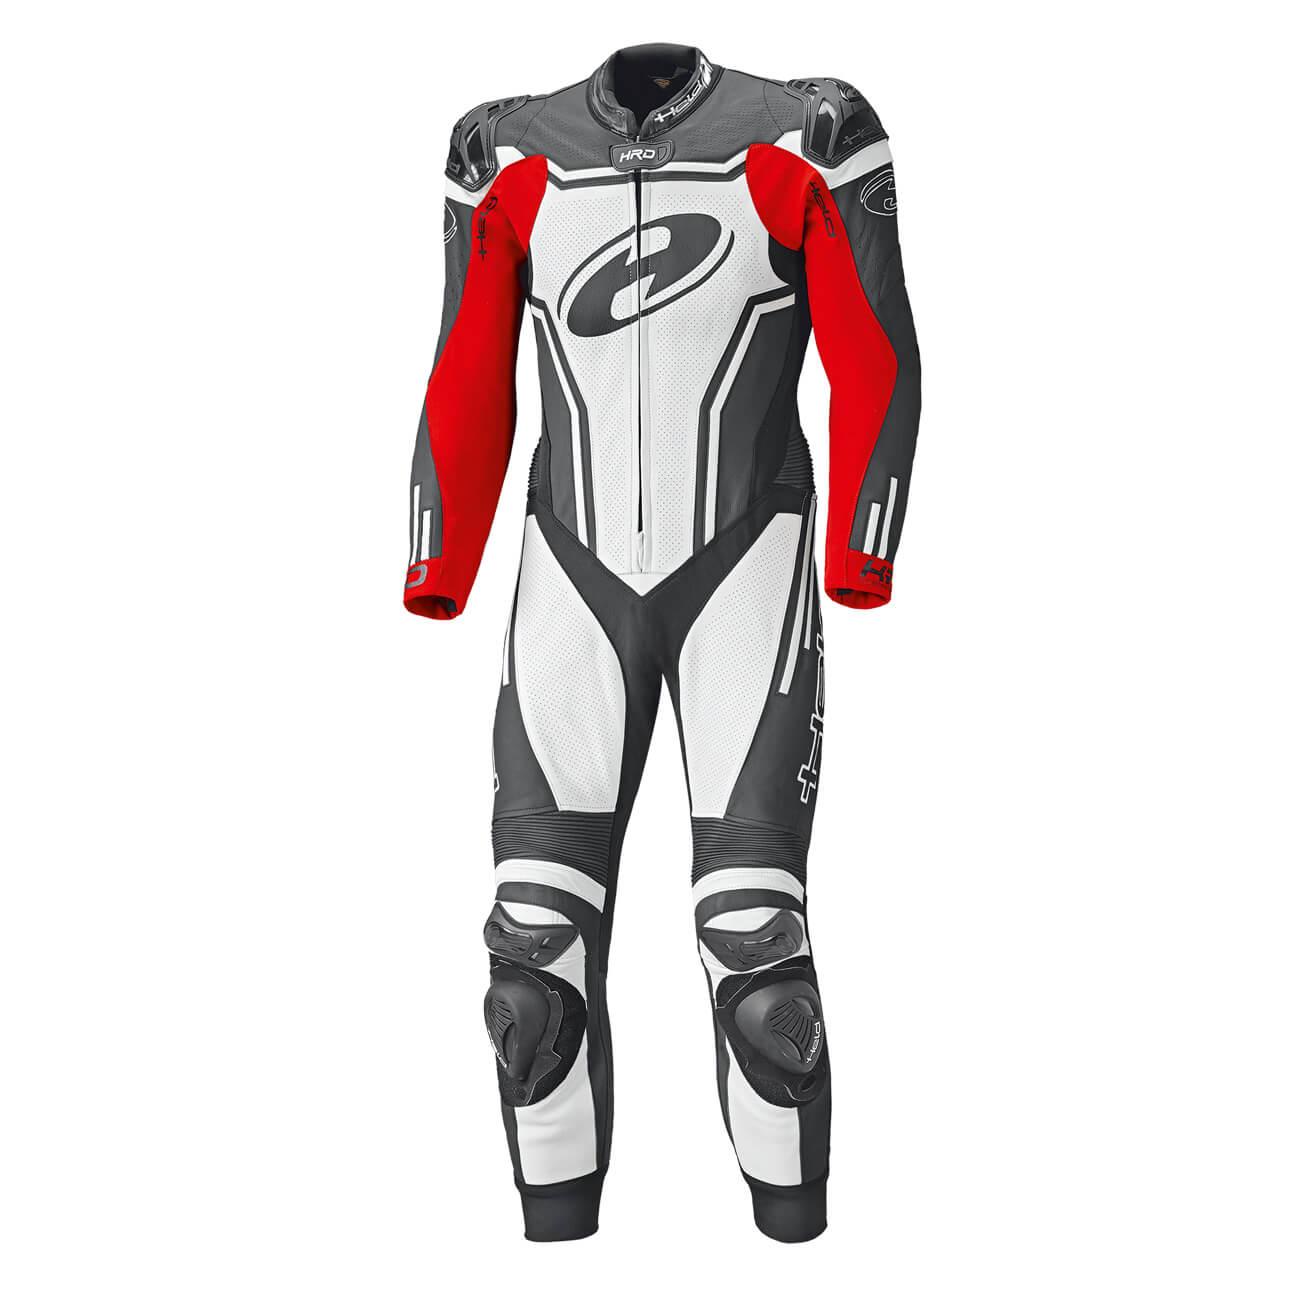 6309d14d1 jednodielna športová kombinéza Rush | Held Biker Fashion - všetko ...